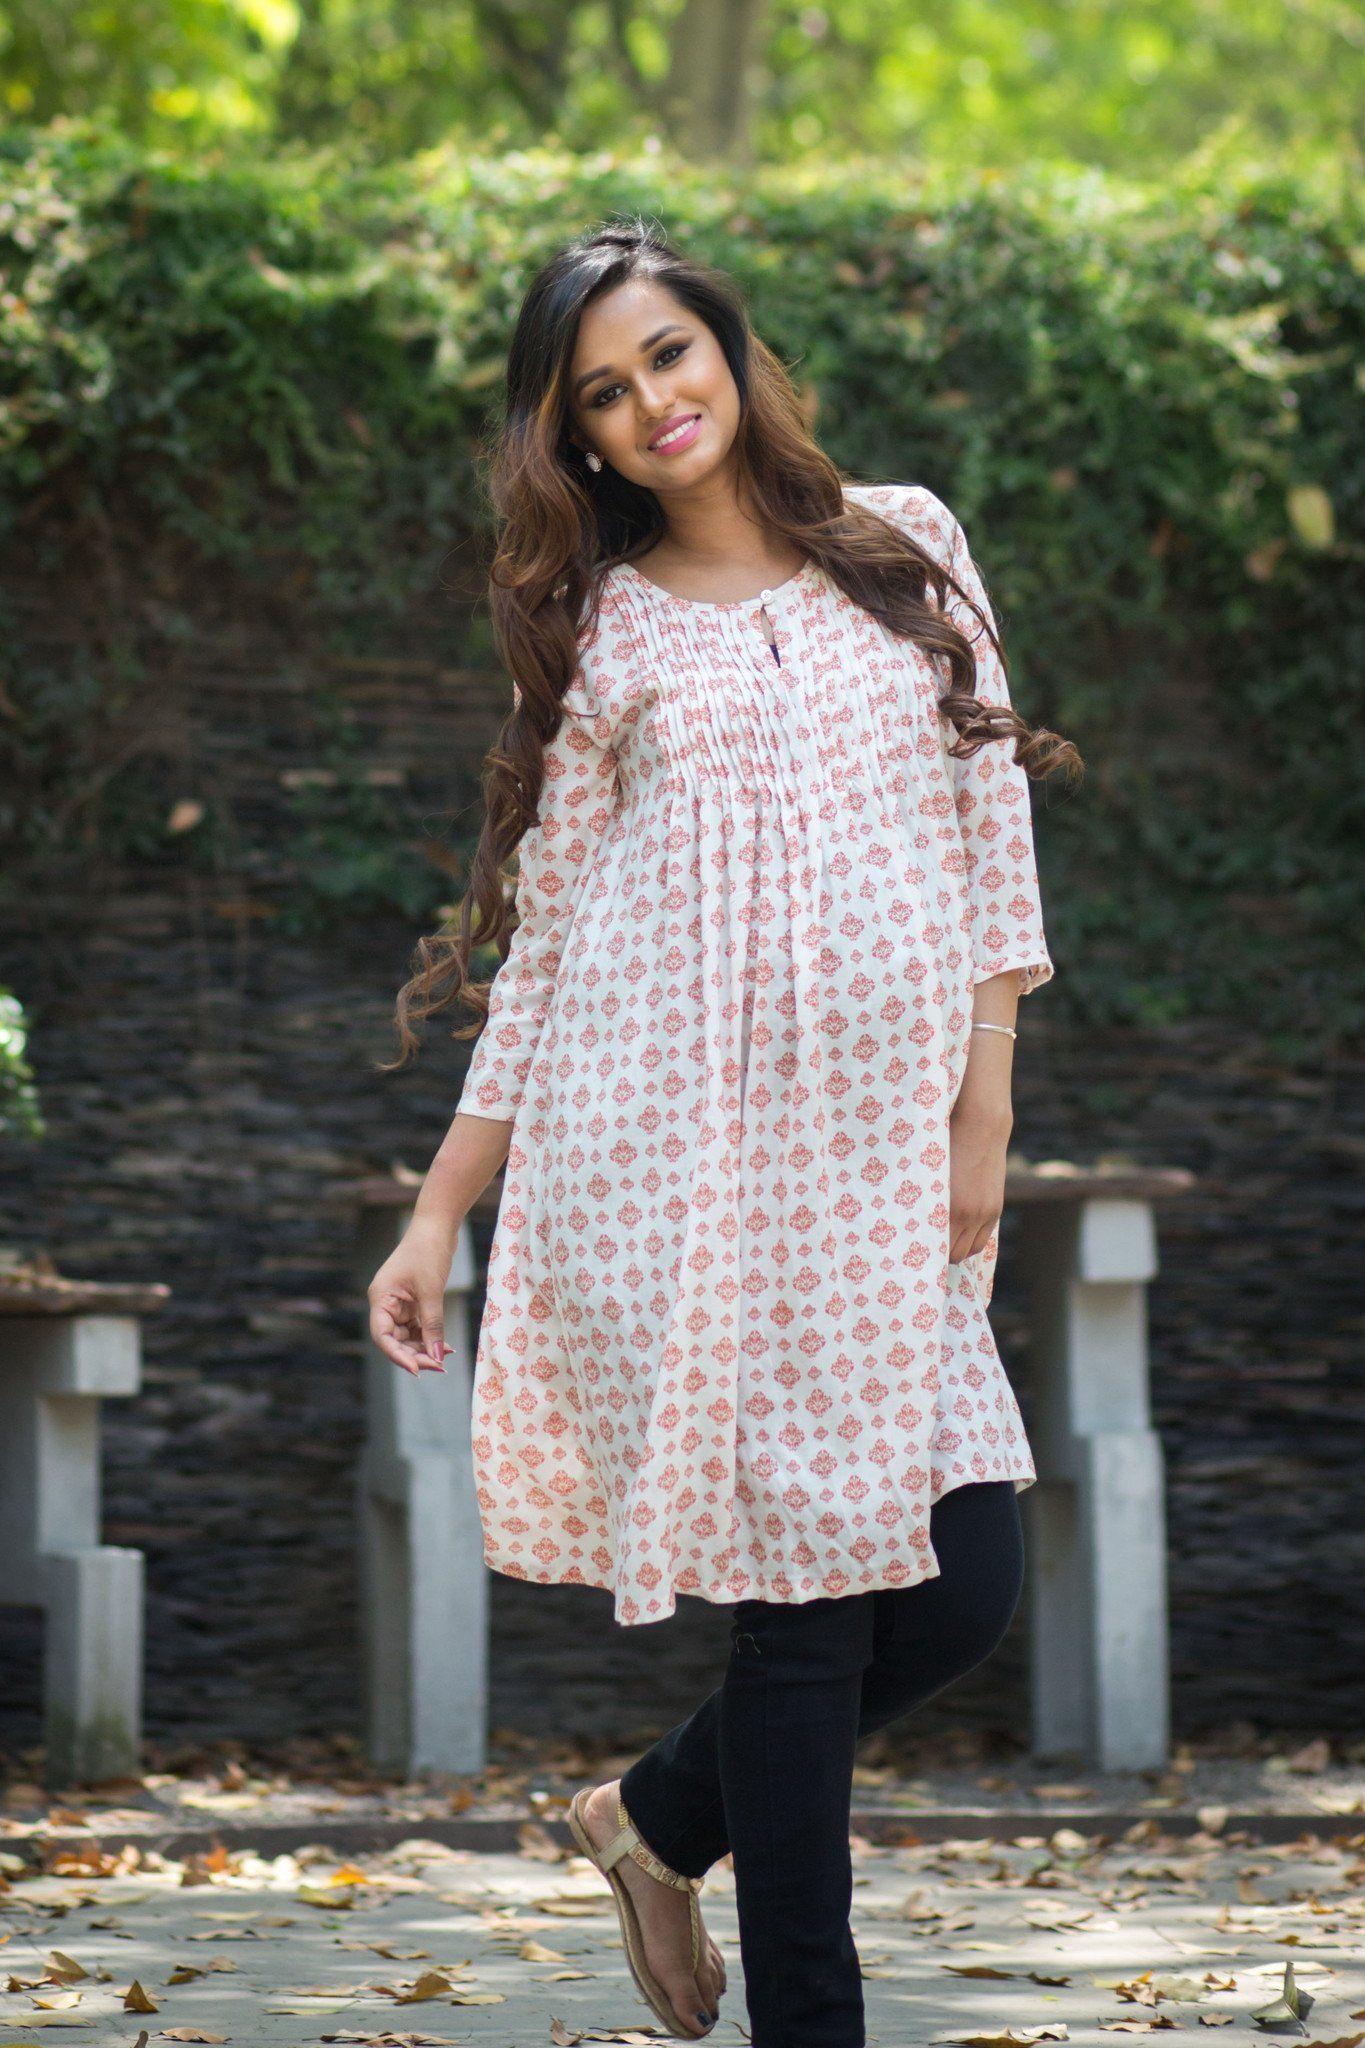 bc5fb50101e95 Online Dresses For Pregnant Ladies India